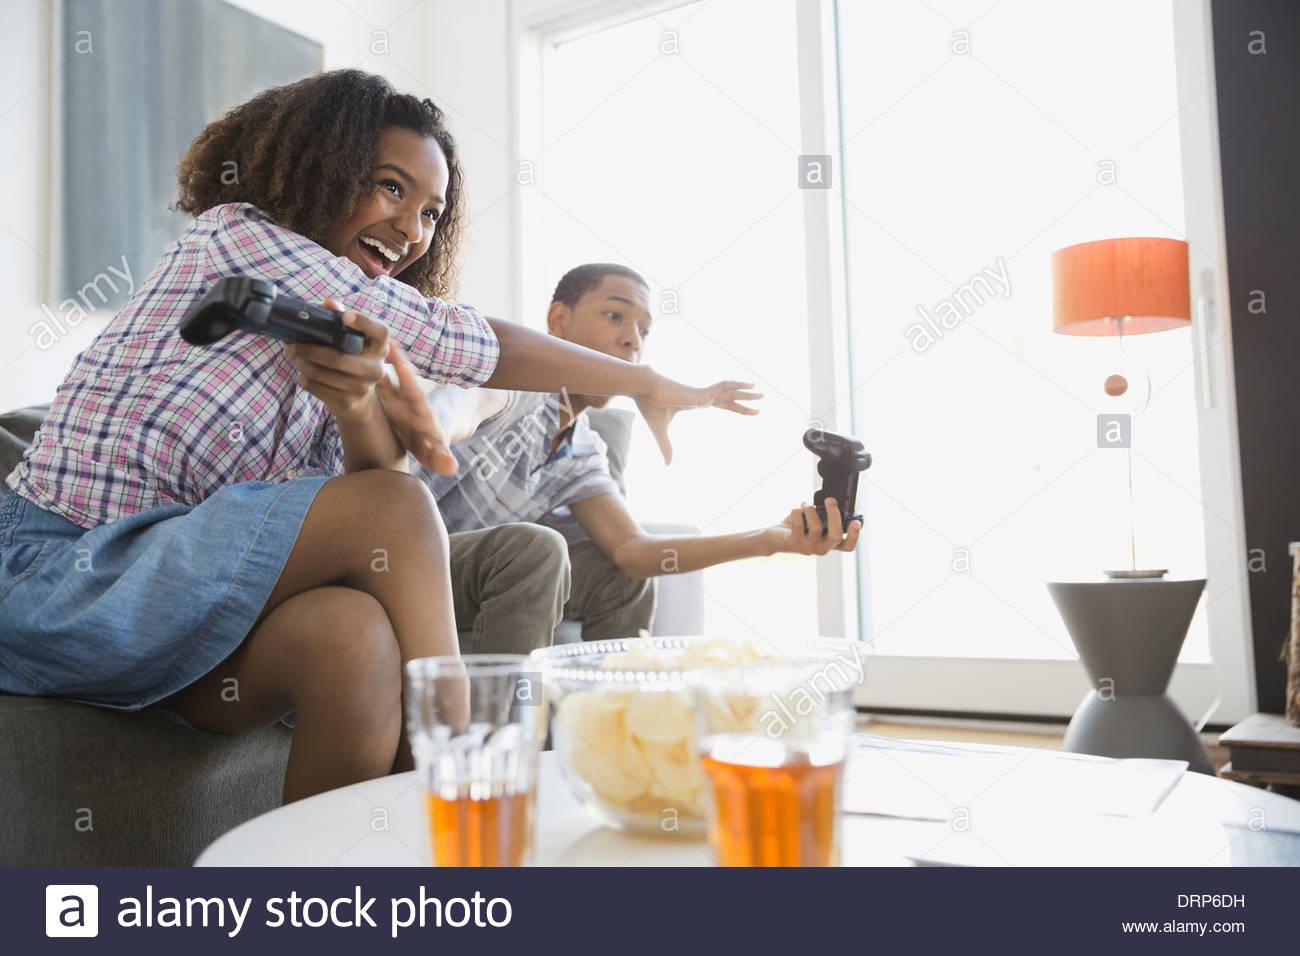 Hermanos jugando juegos de video en casa Imagen De Stock